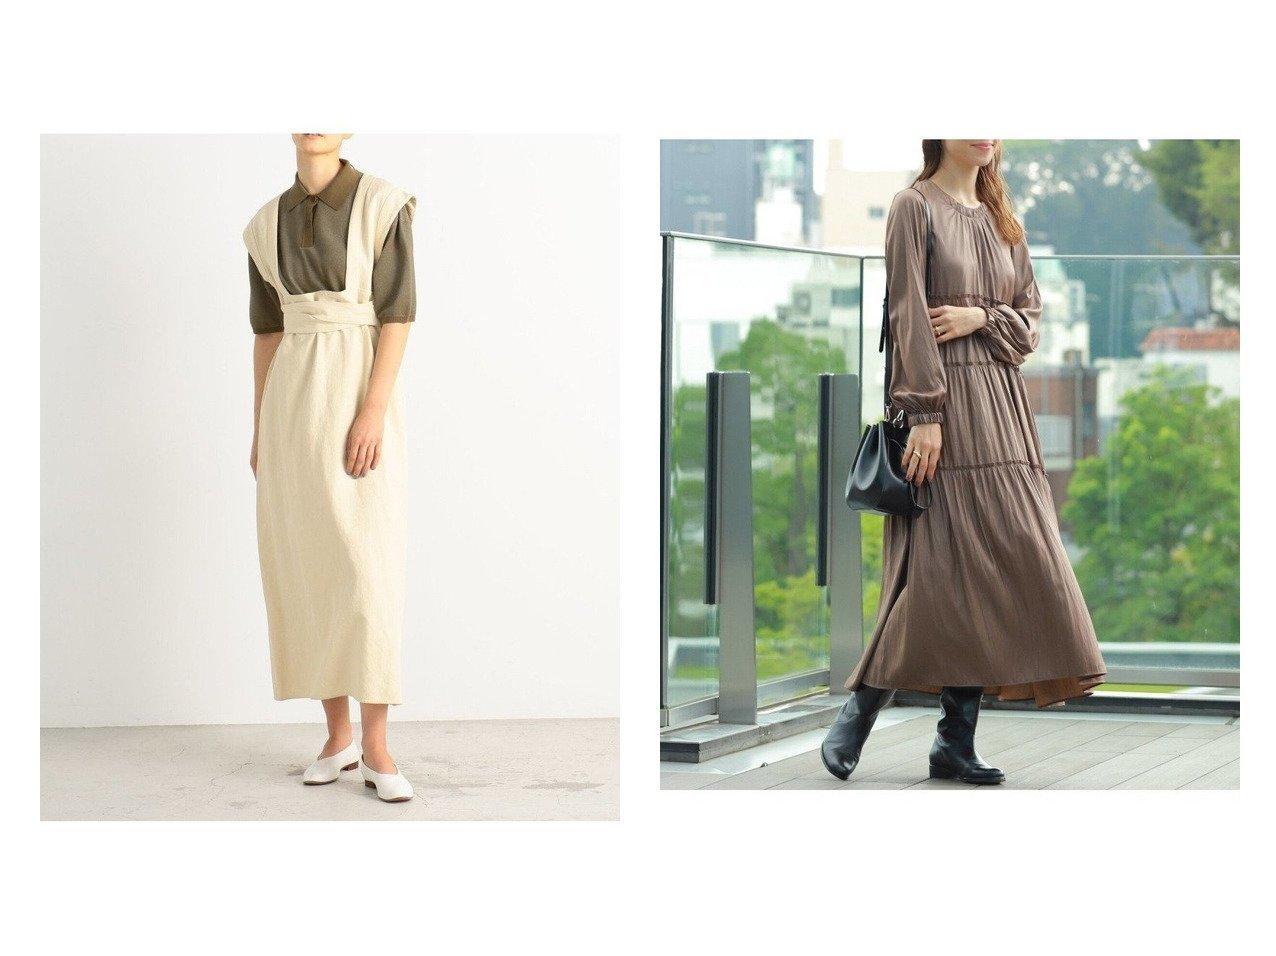 【Ray BEAMS/レイ ビームス】のチンツ ティアード ロングワンピース&【BACCA/バッカ】のコットンメタル エプロンワンピース ワンピース・ドレスのおすすめ!人気、トレンド・レディースファッションの通販 おすすめで人気の流行・トレンド、ファッションの通販商品 メンズファッション・キッズファッション・インテリア・家具・レディースファッション・服の通販 founy(ファニー) https://founy.com/ ファッション Fashion レディースファッション WOMEN ワンピース Dress 2020年 2020 2020 春夏 S/S SS Spring/Summer 2020 S/S 春夏 SS Spring/Summer ジャケット スリーブ セットアップ タンク タートルネック ネップ フレンチ フロント メタル リボン リラックス A/W 秋冬 AW Autumn/Winter / FW Fall-Winter ティアード ベロア レギンス ロング ワイド 長袖 |ID:crp329100000014056